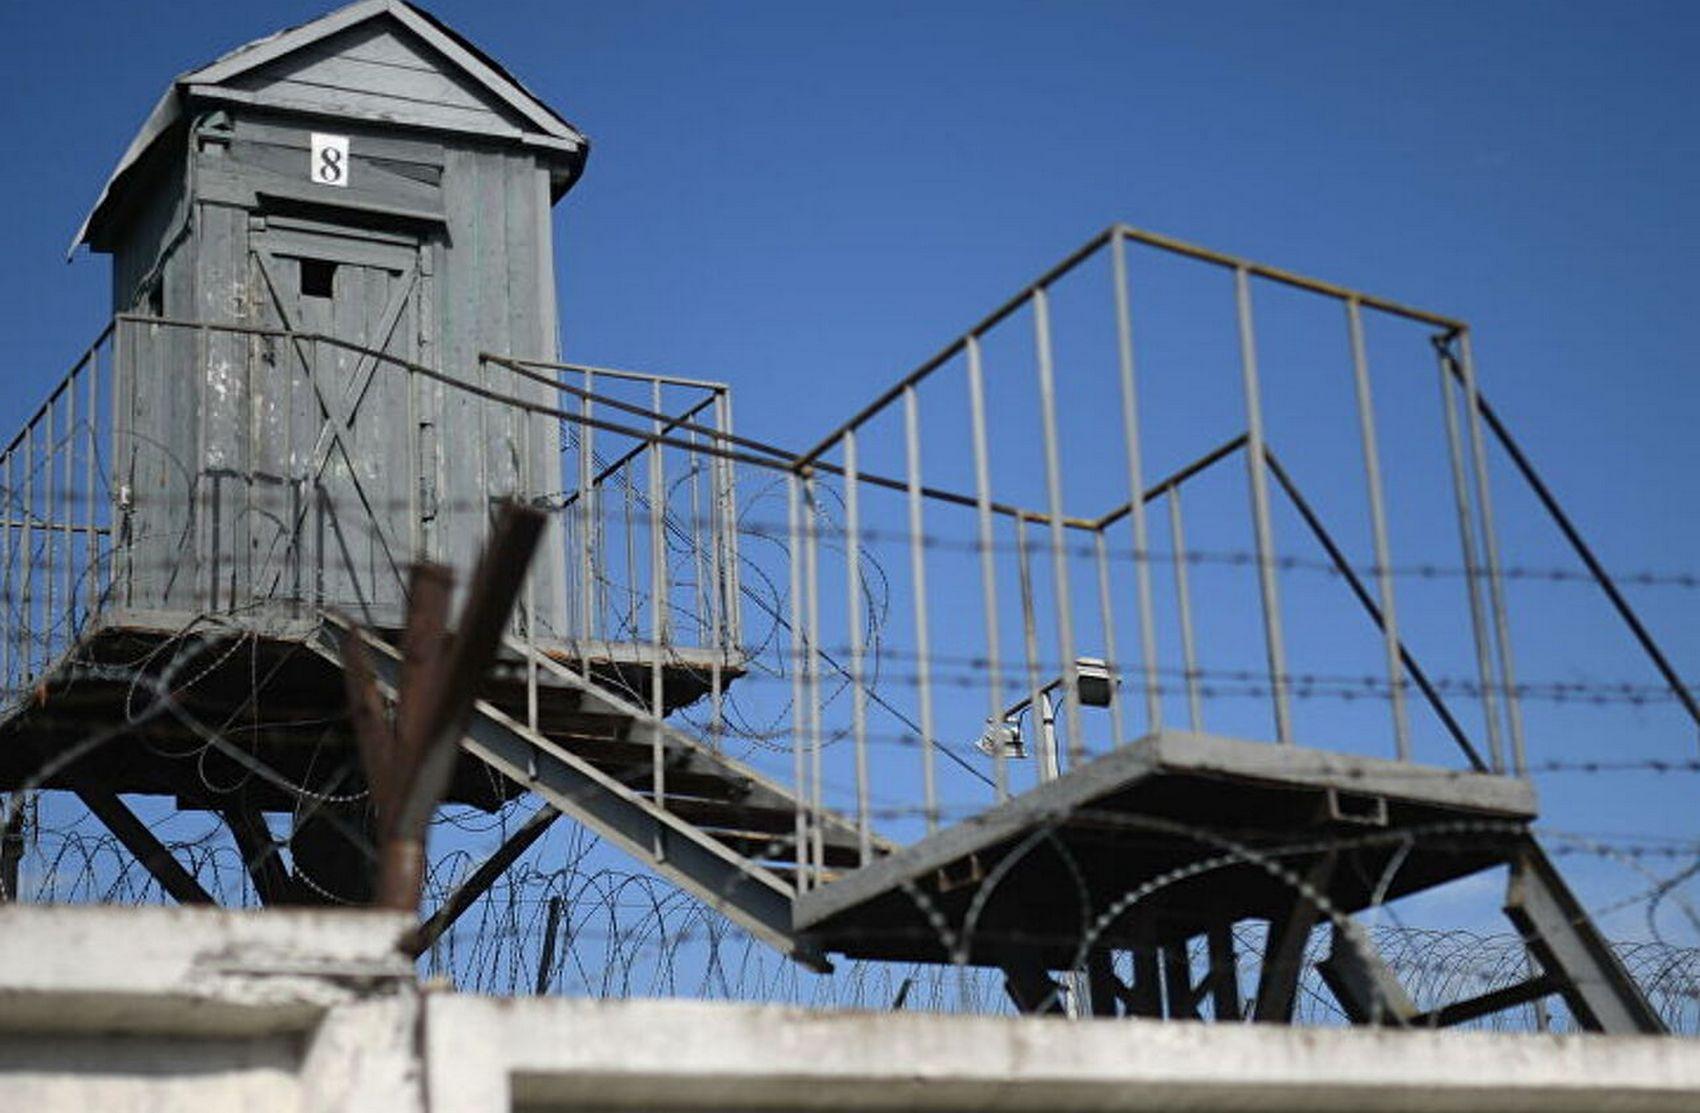 Бунт заключённых в ИК-1 во Владикавказе: что известно (видео)